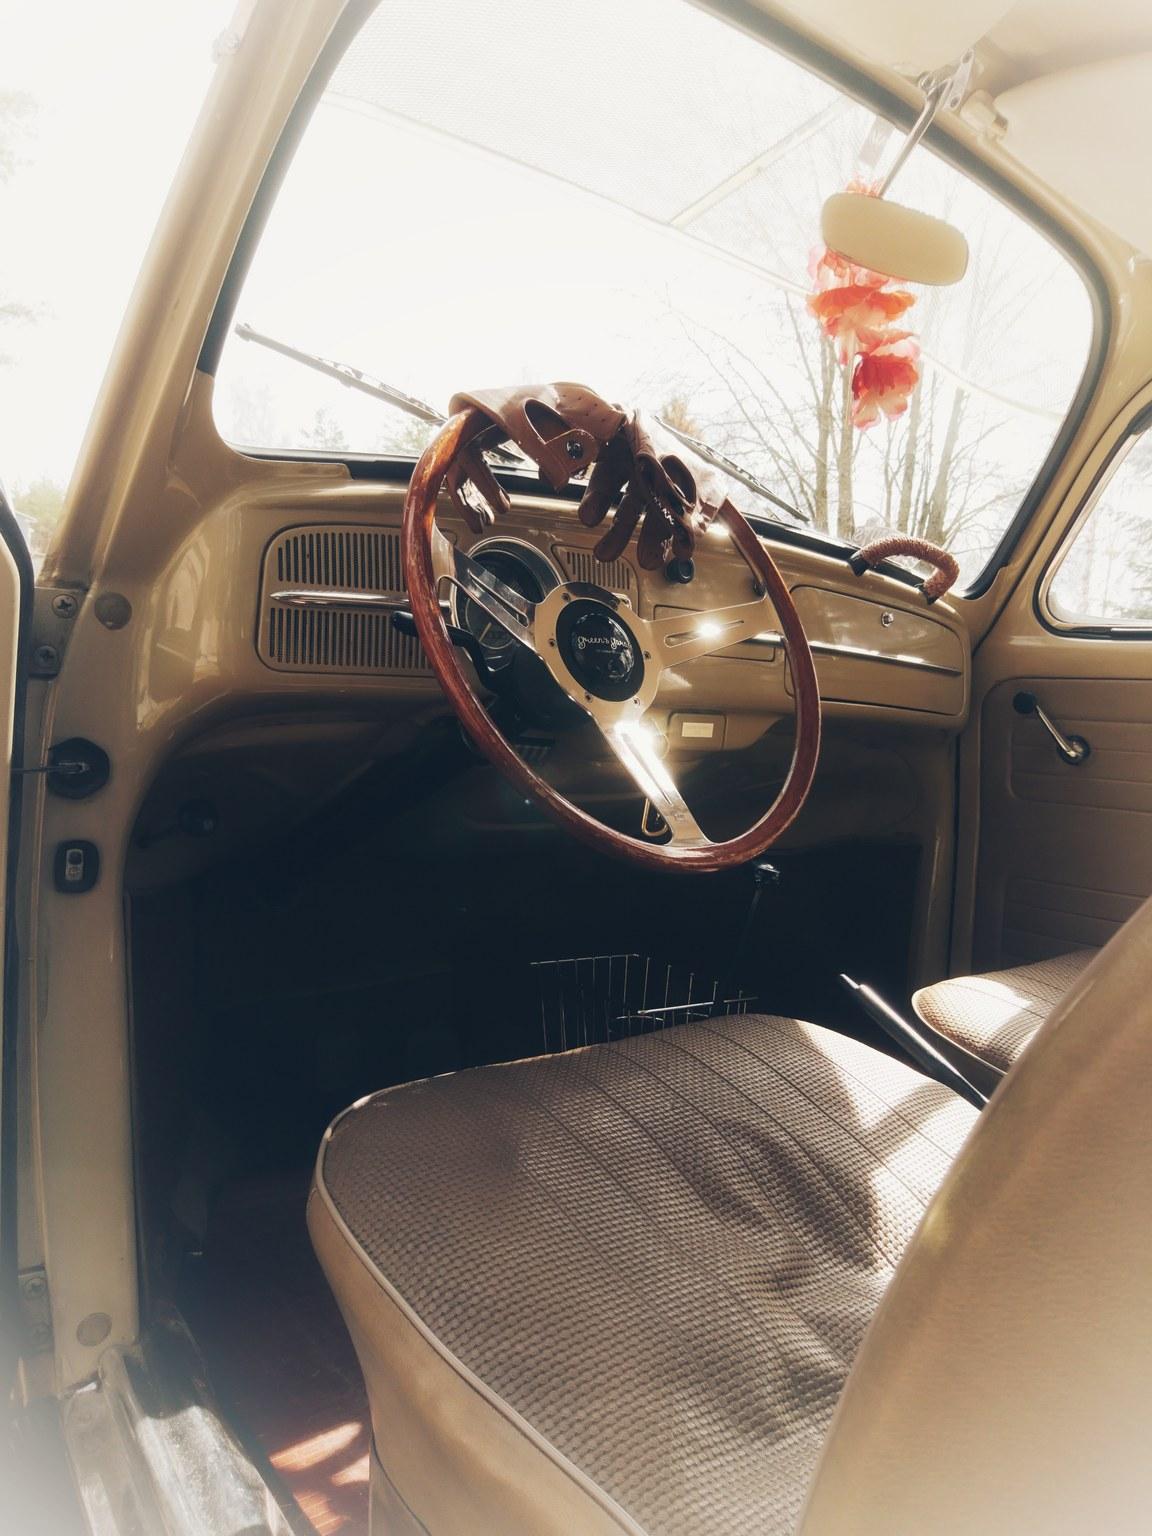 Kuvia käyttäjien autoista - Sivu 30 Cabin